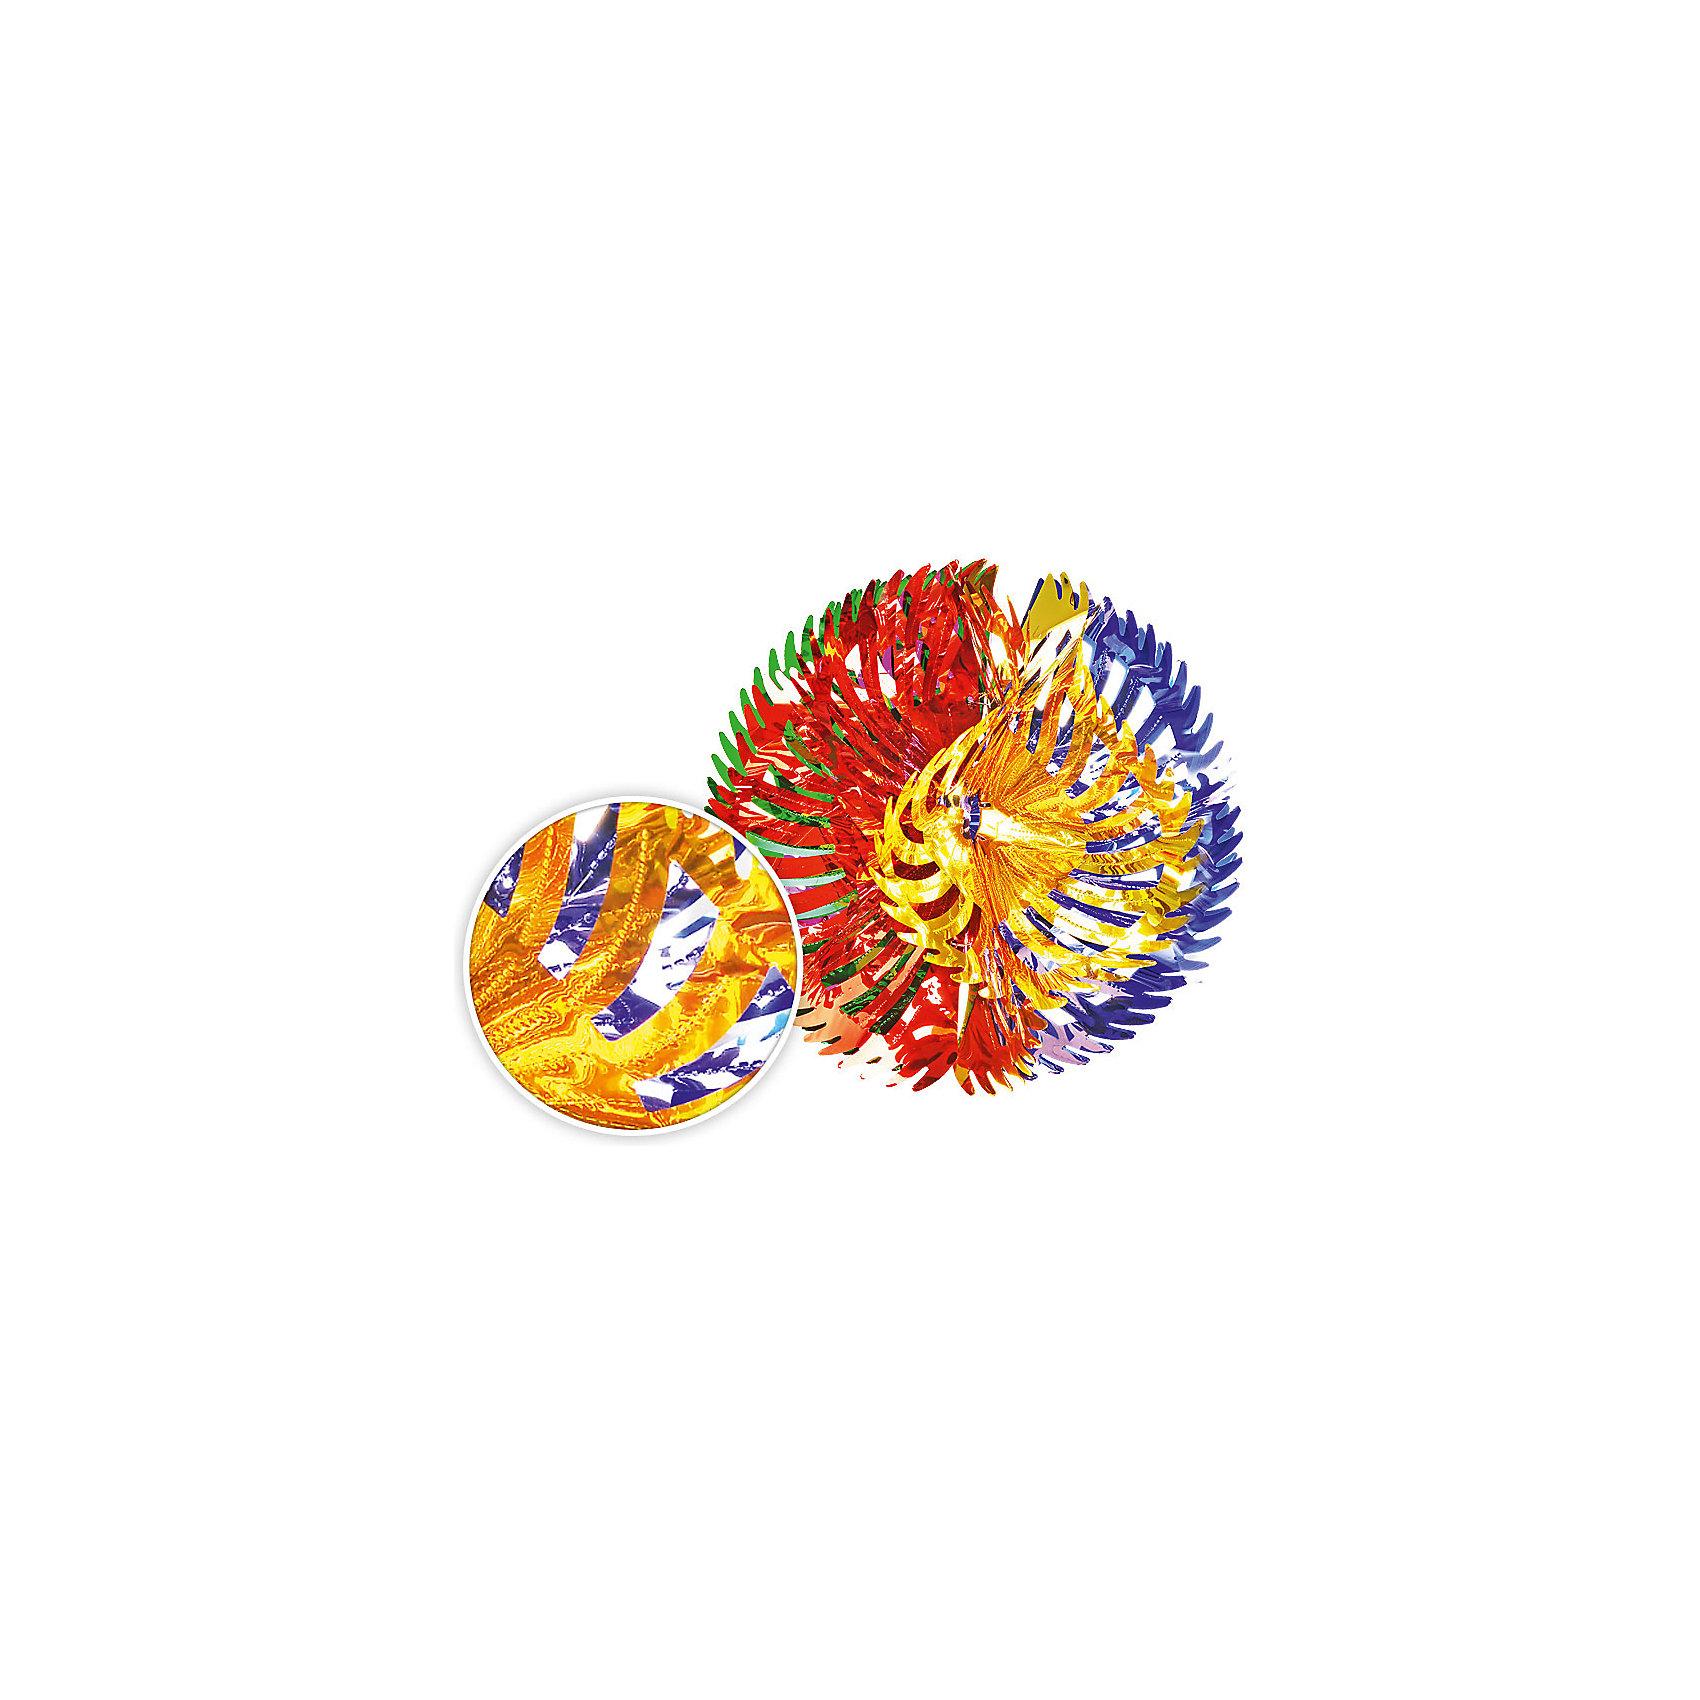 Украшение ШарНовинки Новый Год<br>Фольгированное украшение Шар прекрасно подойдет для декорирования любых интерьеров и поможет создать атмосферу праздника. <br><br>Дополнительная информация:<br><br>- Материал: фольгированная бумага.<br>- Размер: d -35 см.<br><br>Украшение Шар можно купить в нашем магазине.<br><br>Ширина мм: 350<br>Глубина мм: 350<br>Высота мм: 30<br>Вес г: 100<br>Возраст от месяцев: 36<br>Возраст до месяцев: 2147483647<br>Пол: Унисекс<br>Возраст: Детский<br>SKU: 4293025